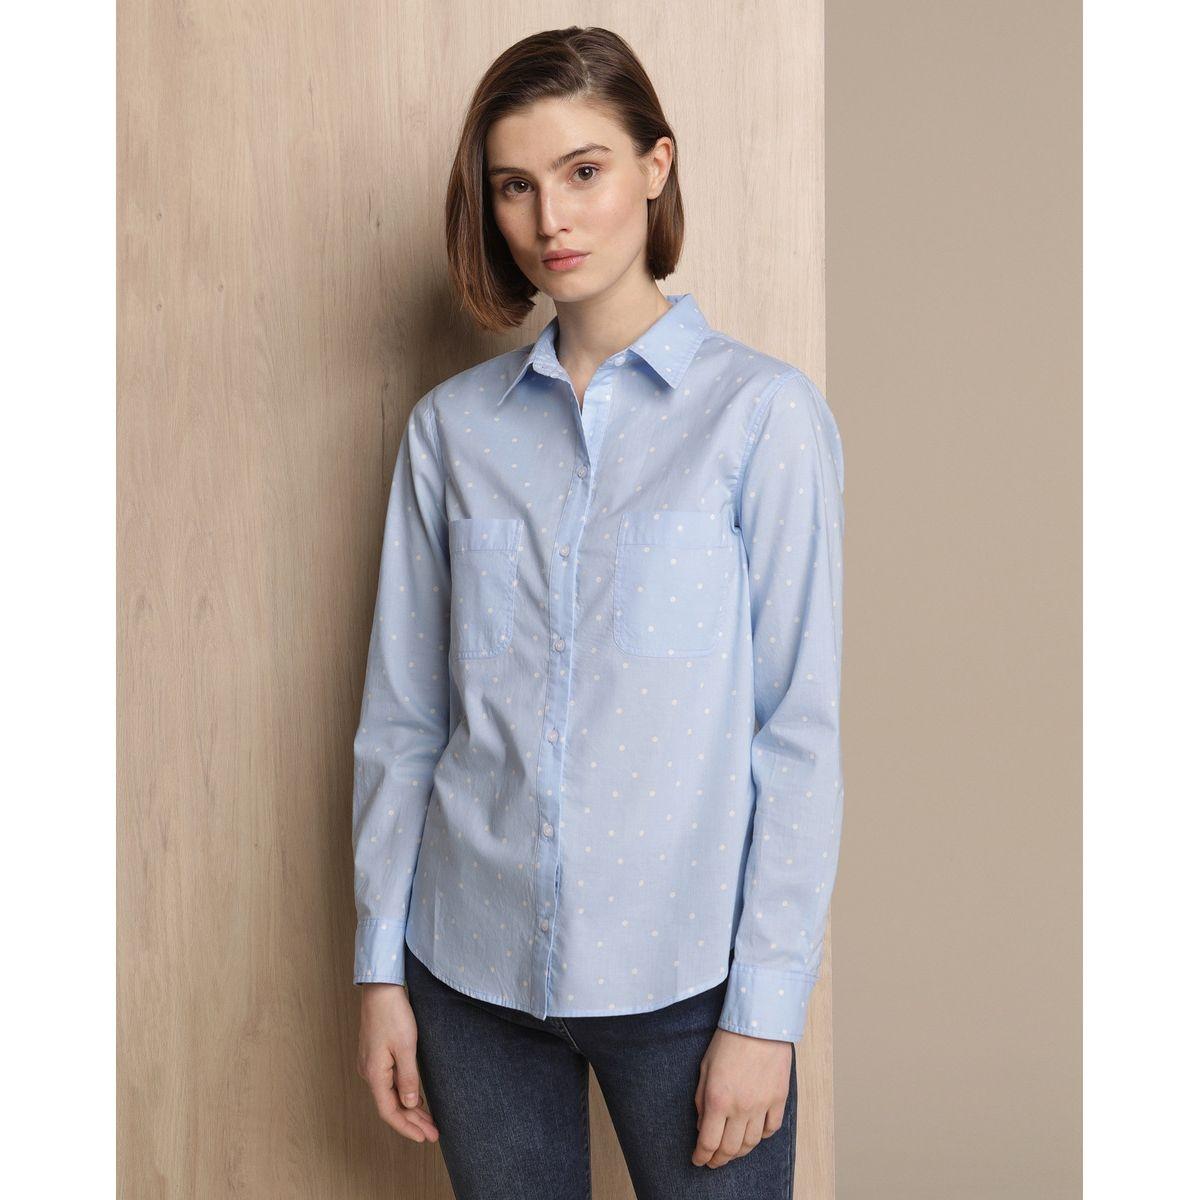 Chemise 100 % coton avec poches sur la poitrine